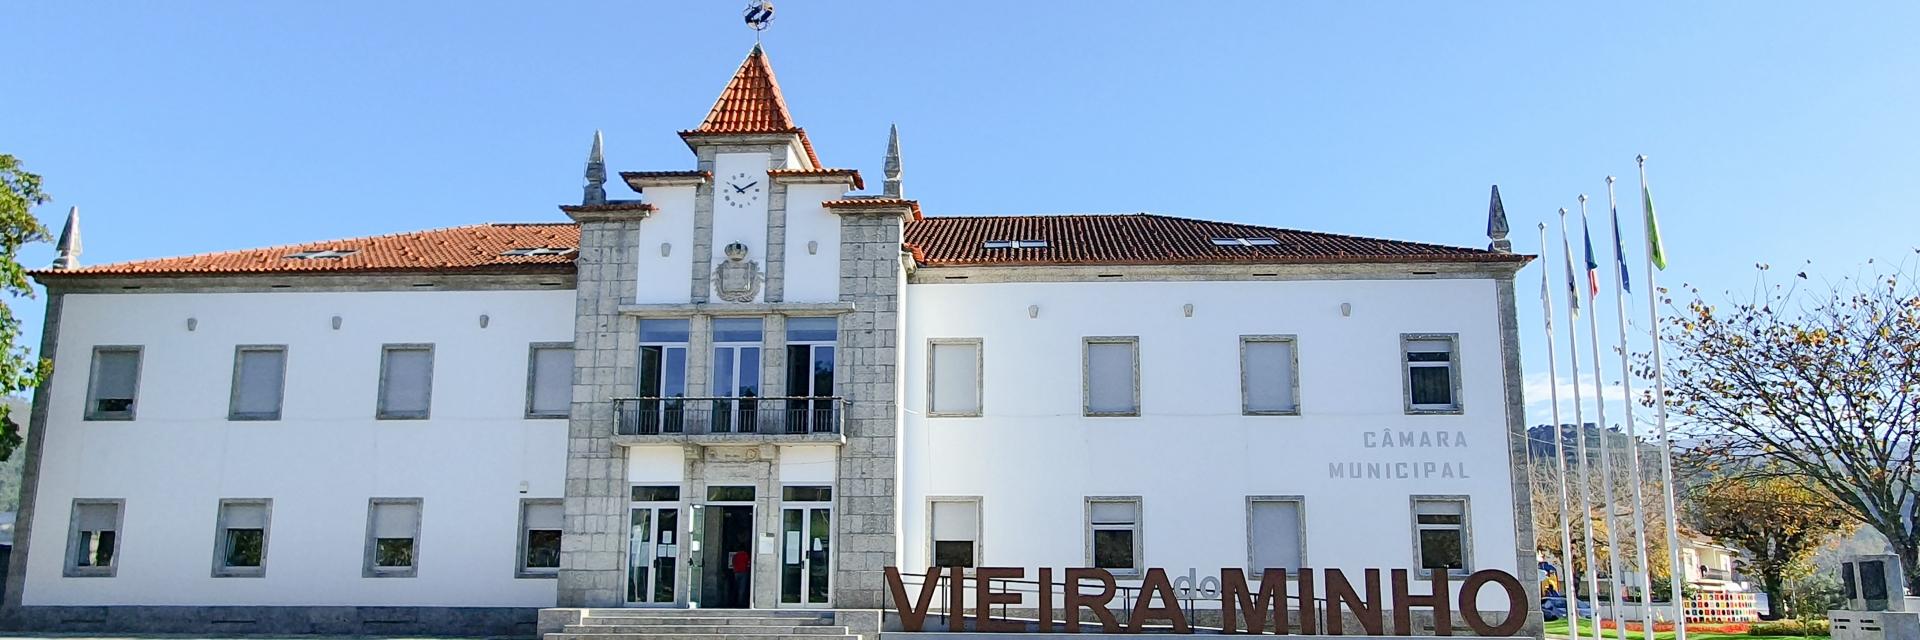 Reunião de Câmara aprovou delegação de competências a freguesias do Concelho